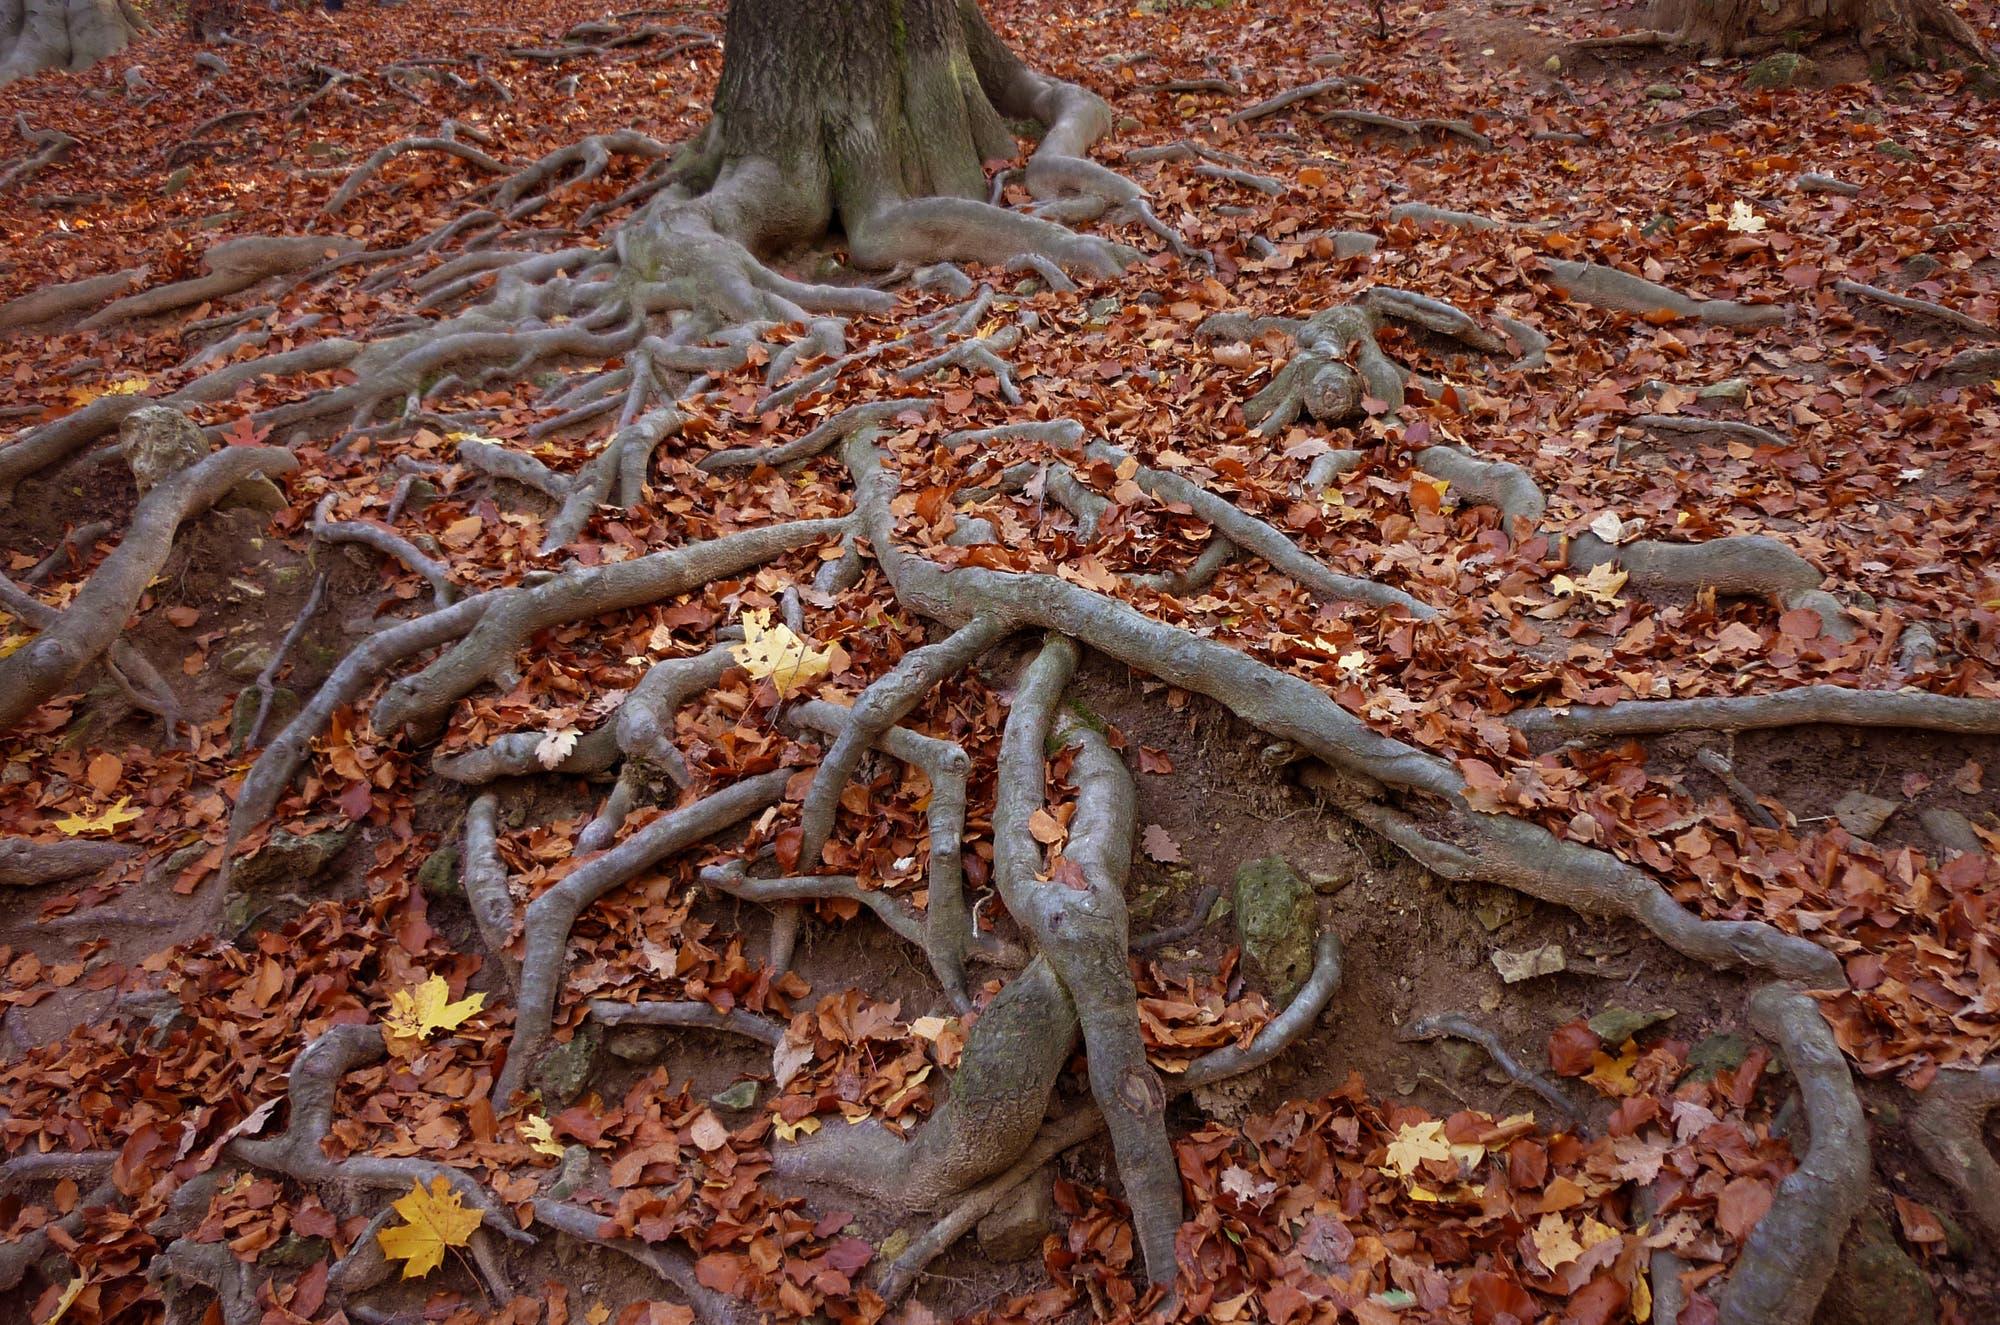 Wurzeln eines Baumes mit Herbstlaub